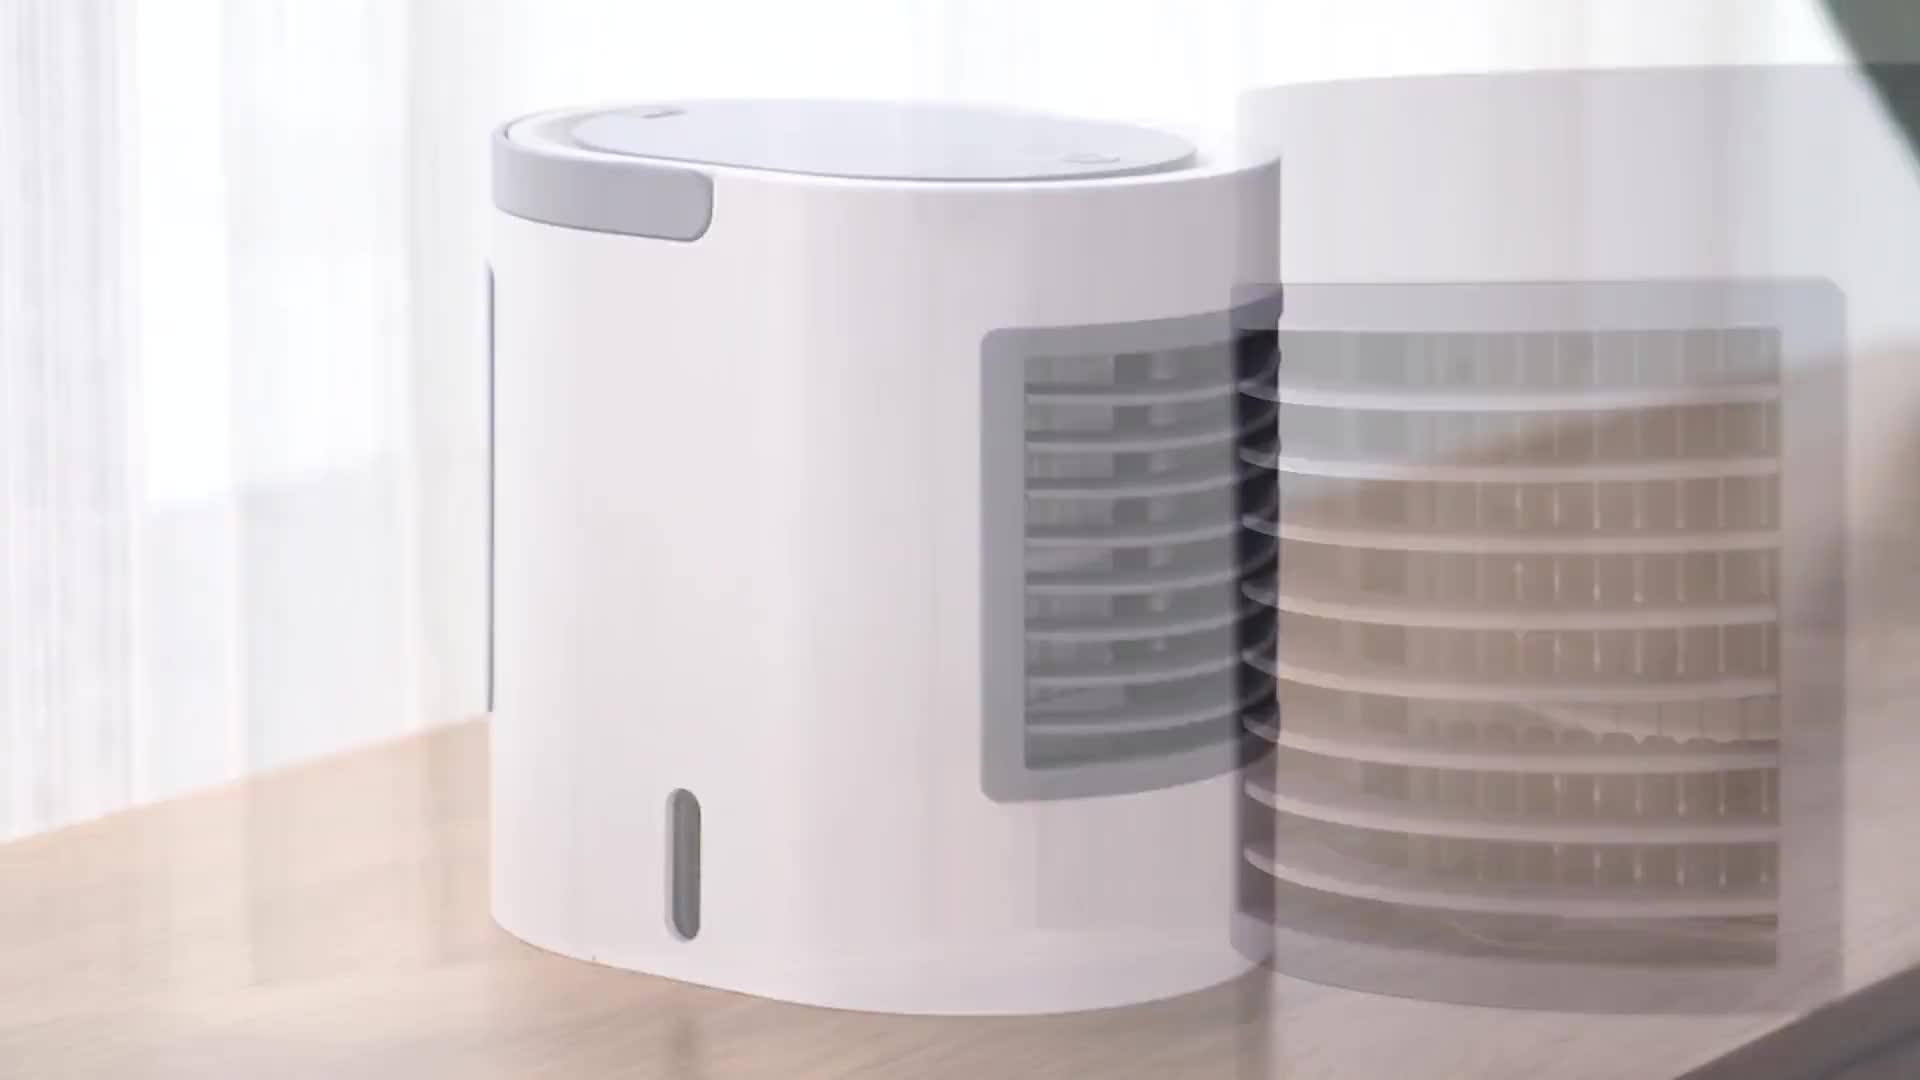 नई डिजाइन पोर्टेबल इलेक्ट्रिक बड़े पानी की क्षमता हवा कूलर कंडीशनर प्रशंसक